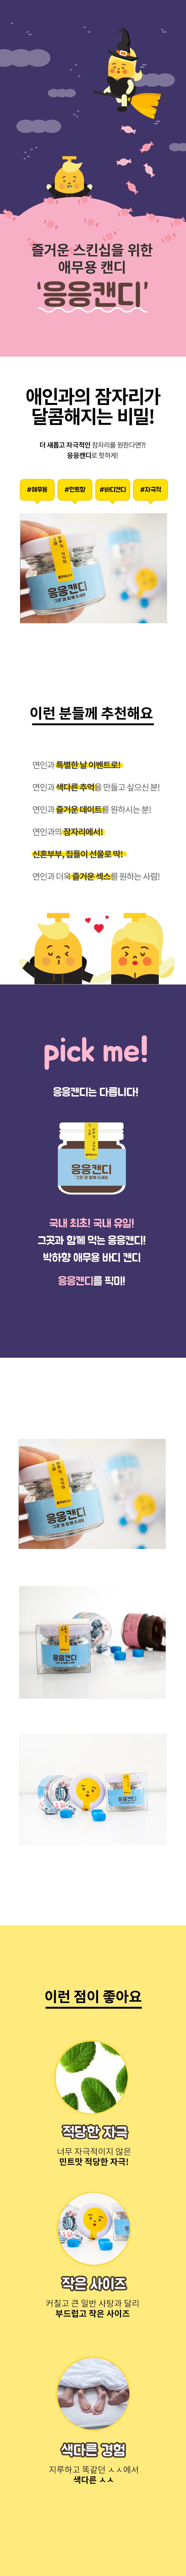 [홀딱바나나] 응응캔디 목캔디 박하사탕 화이트